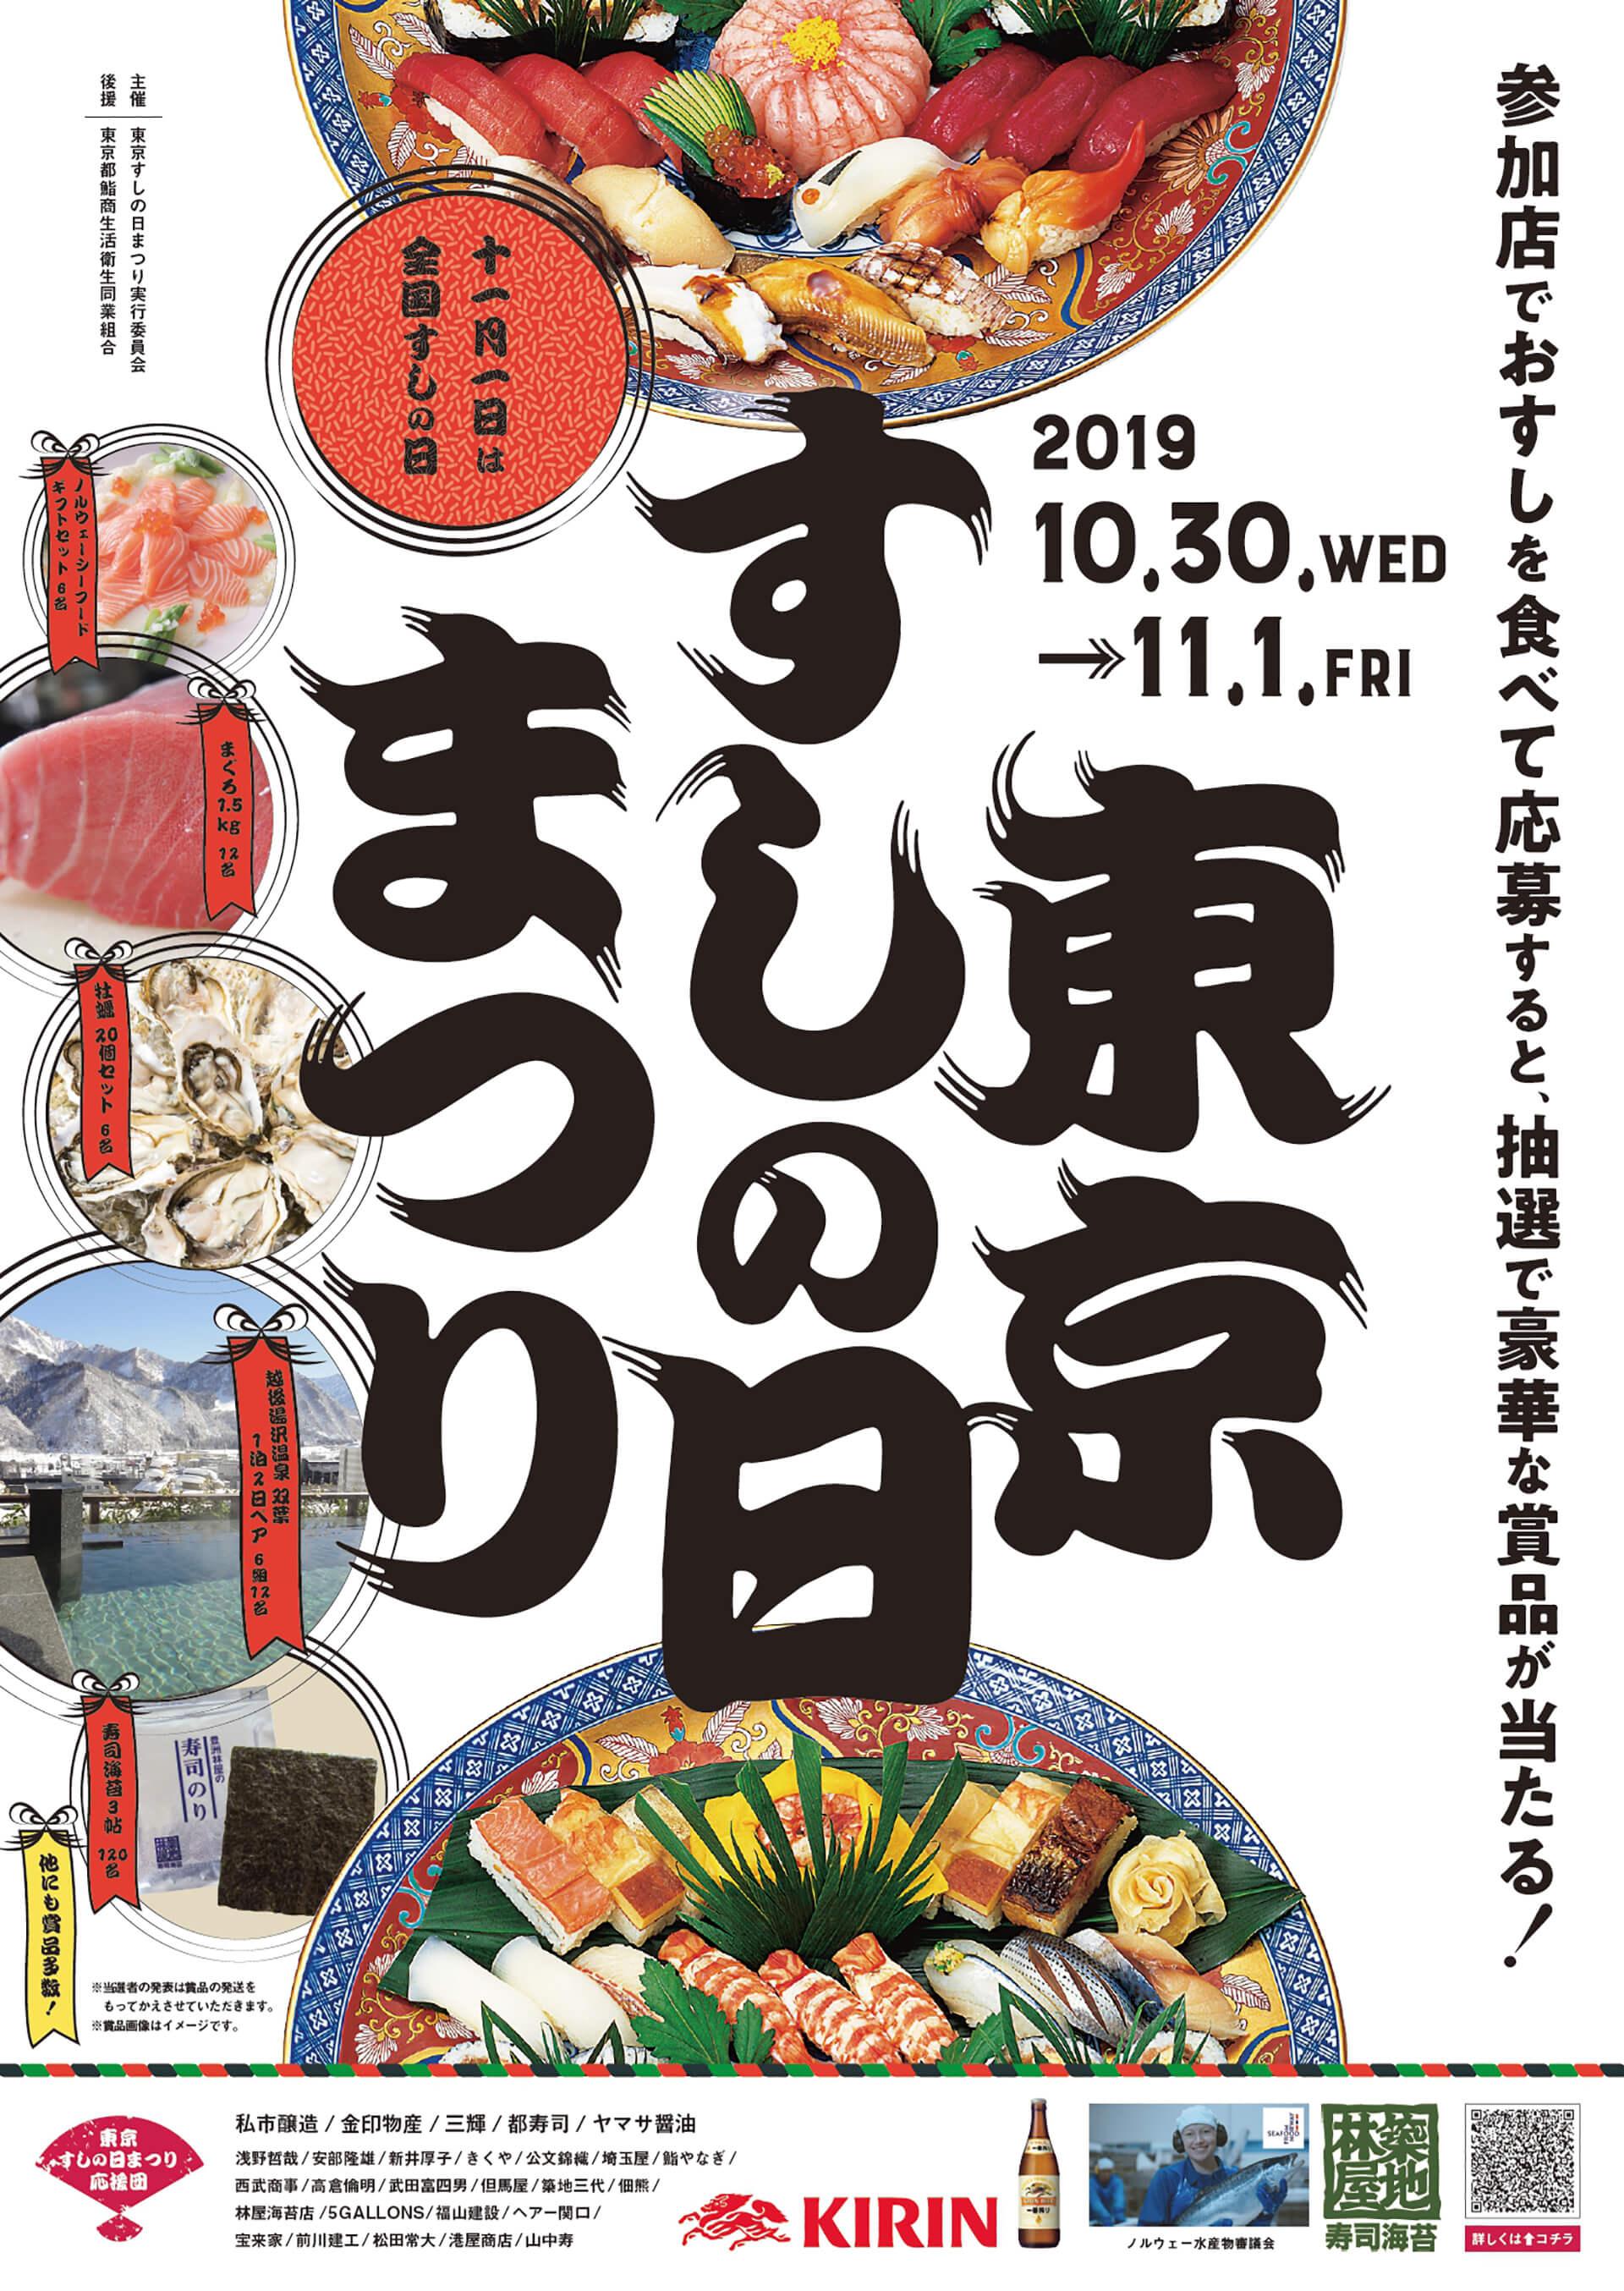 東京すしの日まつり2019メインビジュアル